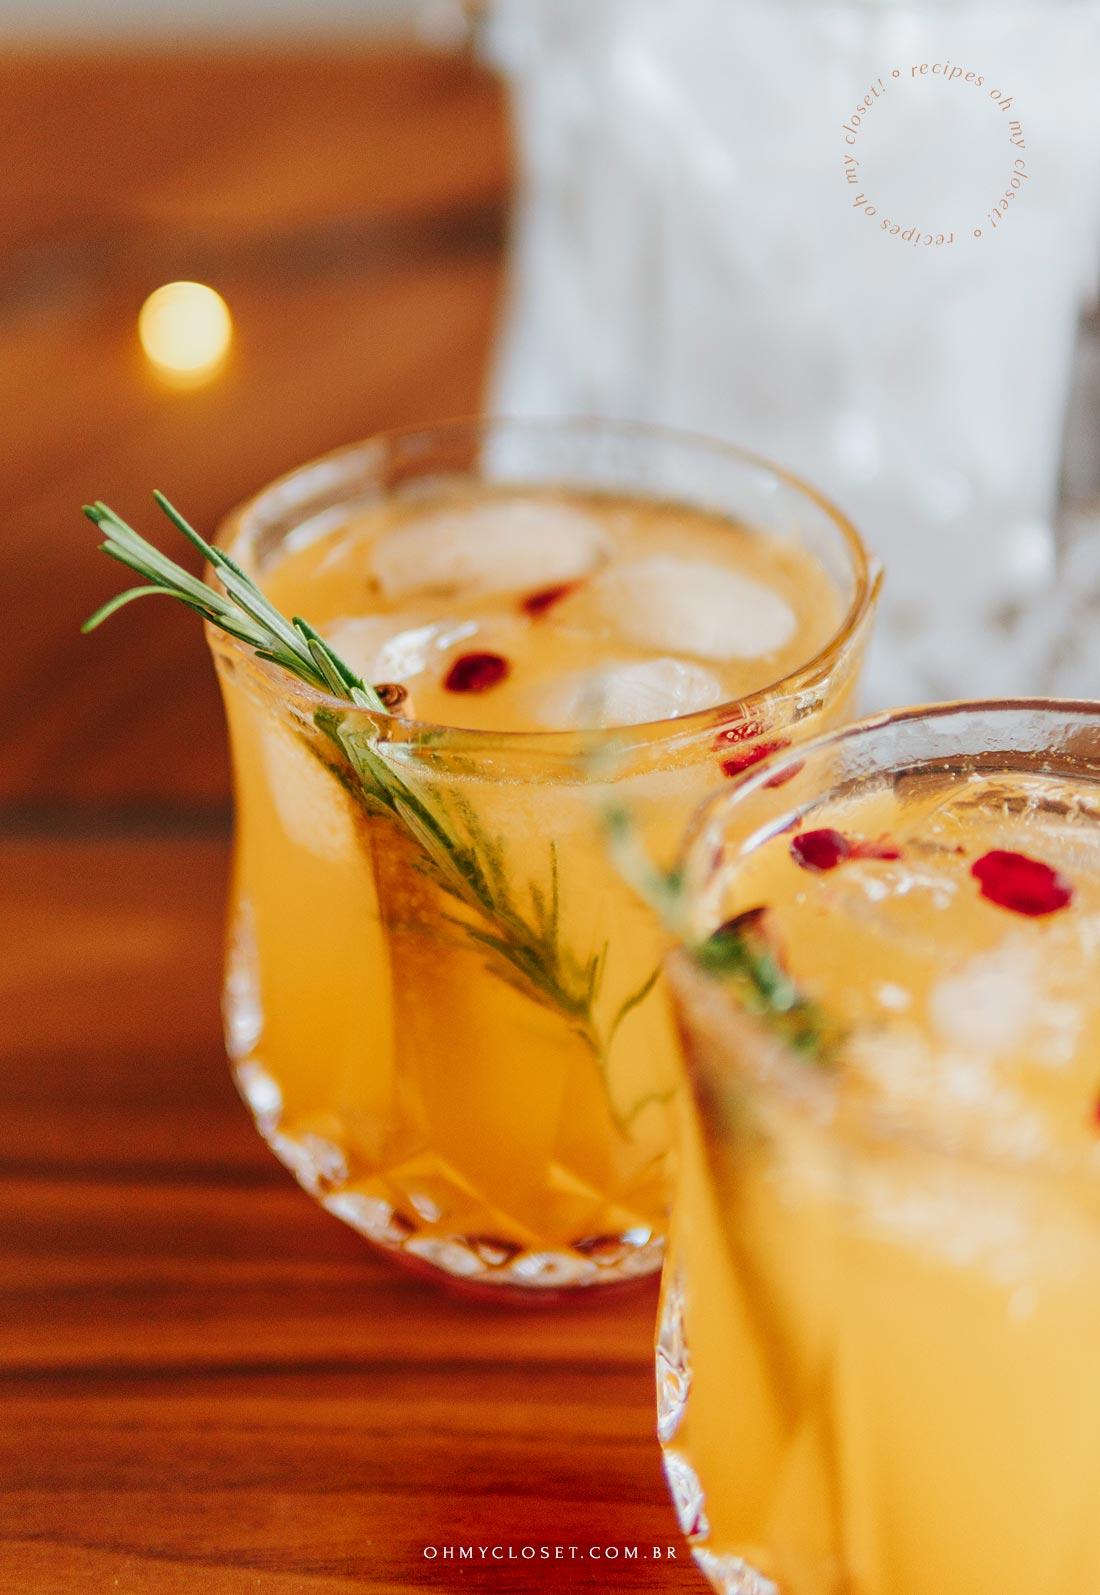 Drink cítrico pronto e decorado. Tangerina, limão siciliano, vodka, ginger beer e decoração.